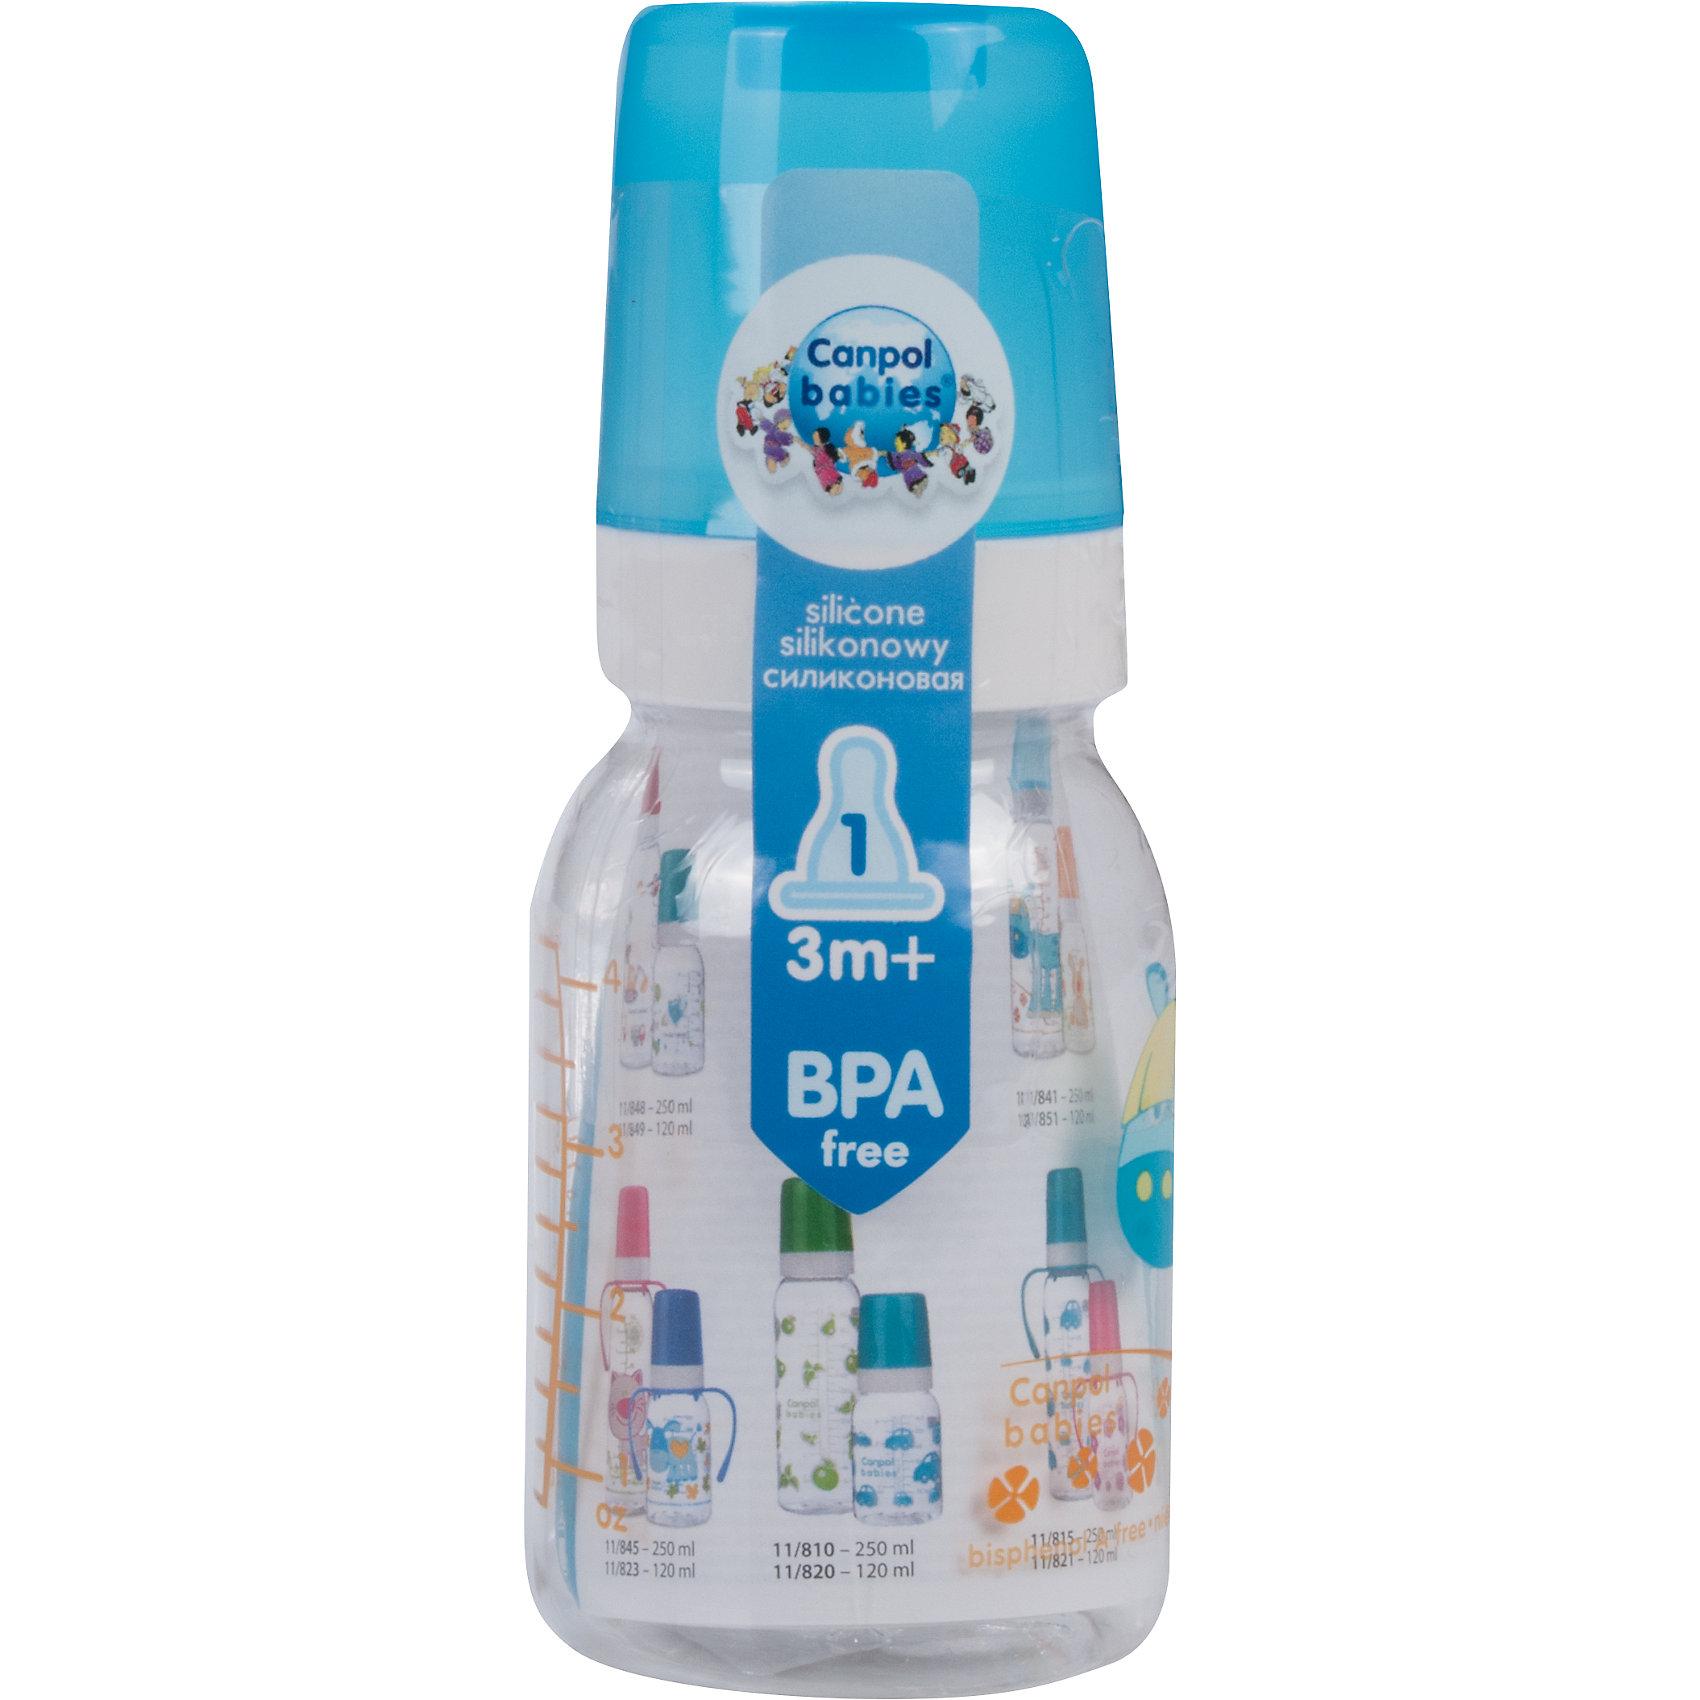 Бутылочка тритановая (BPA 0%) с сил. соской, 120 мл. 3+ Cheerful animals, Canpol Babies, лошадкаБутылочки и аксессуары<br>Бутылочка тритановая (BPA 0%) с сил. соской, 120 мл. 3+ Cheerful animals, Canpol Babies, (Канпол Бейбис), лошадка.<br><br>Характеристики: <br><br>• Объем бутылочки: 120мл.<br>• Материал бутылочки: тритан - пластик нового поколения.<br>• Материал соски: силикон.<br>• Цвет : синий. <br>Бутылочка тритановая (BPA 0%) с сил. соской, 120 мл. 3+ Cheerful animals, Canpol Babies, (Канпол Бейбис) имеет классическую форму. Удобна в использовании дома и в дороге. Бутылочка выполнена из безопасного качественного материала - тритана, который хорошо держит тепло, снабжена силиконовой соской (медленный поток) и защитным колпачком, имеет удобную мерную шкалу.  Такую бутылочку и все части можно кипятить в воде или стерилизовать с помощью специального прибора. Не впитывает запахи. Бутылочка выполнена в синем цвете, украшена  забавным принтом – лошадка.<br>Бутылочка тритановая (BPA 0%) с сил. соской, 120 мл. 3+ Cheerful animals, Canpol Babies, (Канпол Бейбис), лошадка можно купить в нашем интернет- магазине.<br><br>Ширина мм: 65<br>Глубина мм: 54<br>Высота мм: 175<br>Вес г: 520<br>Возраст от месяцев: 3<br>Возраст до месяцев: 18<br>Пол: Унисекс<br>Возраст: Детский<br>SKU: 5156801